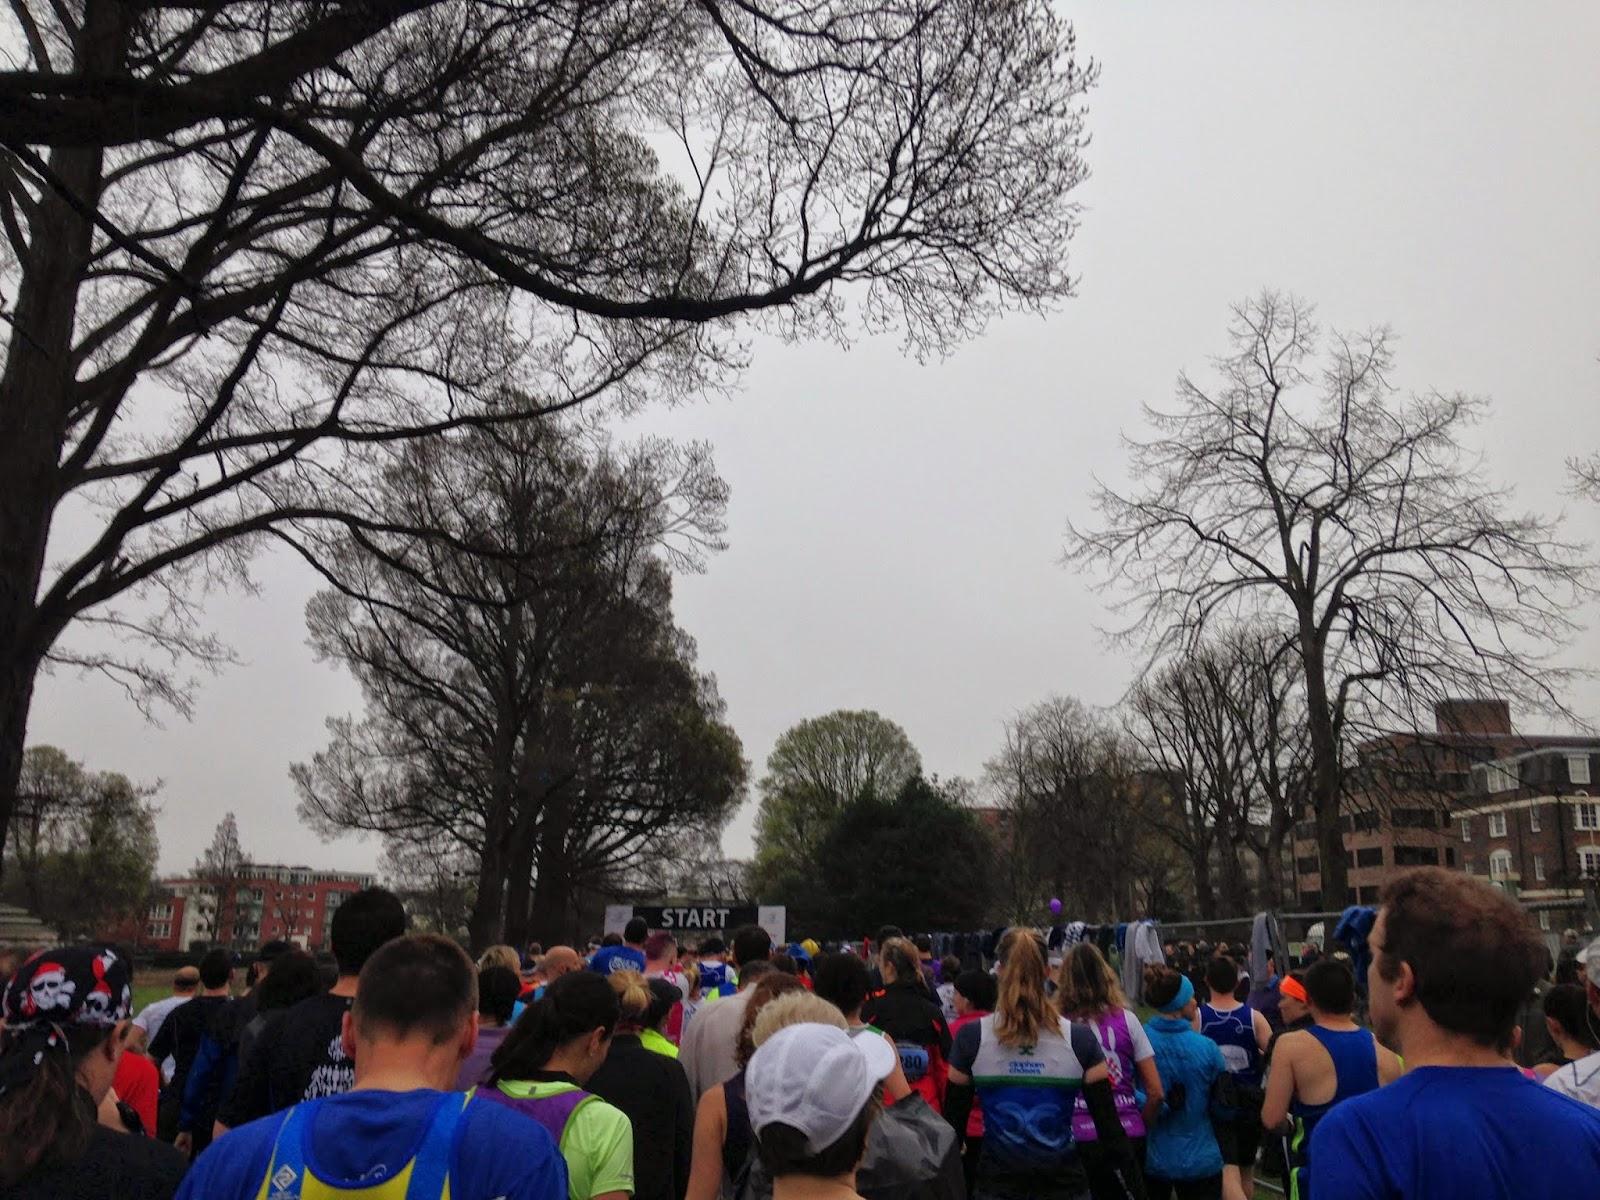 Brighton Marathon start line